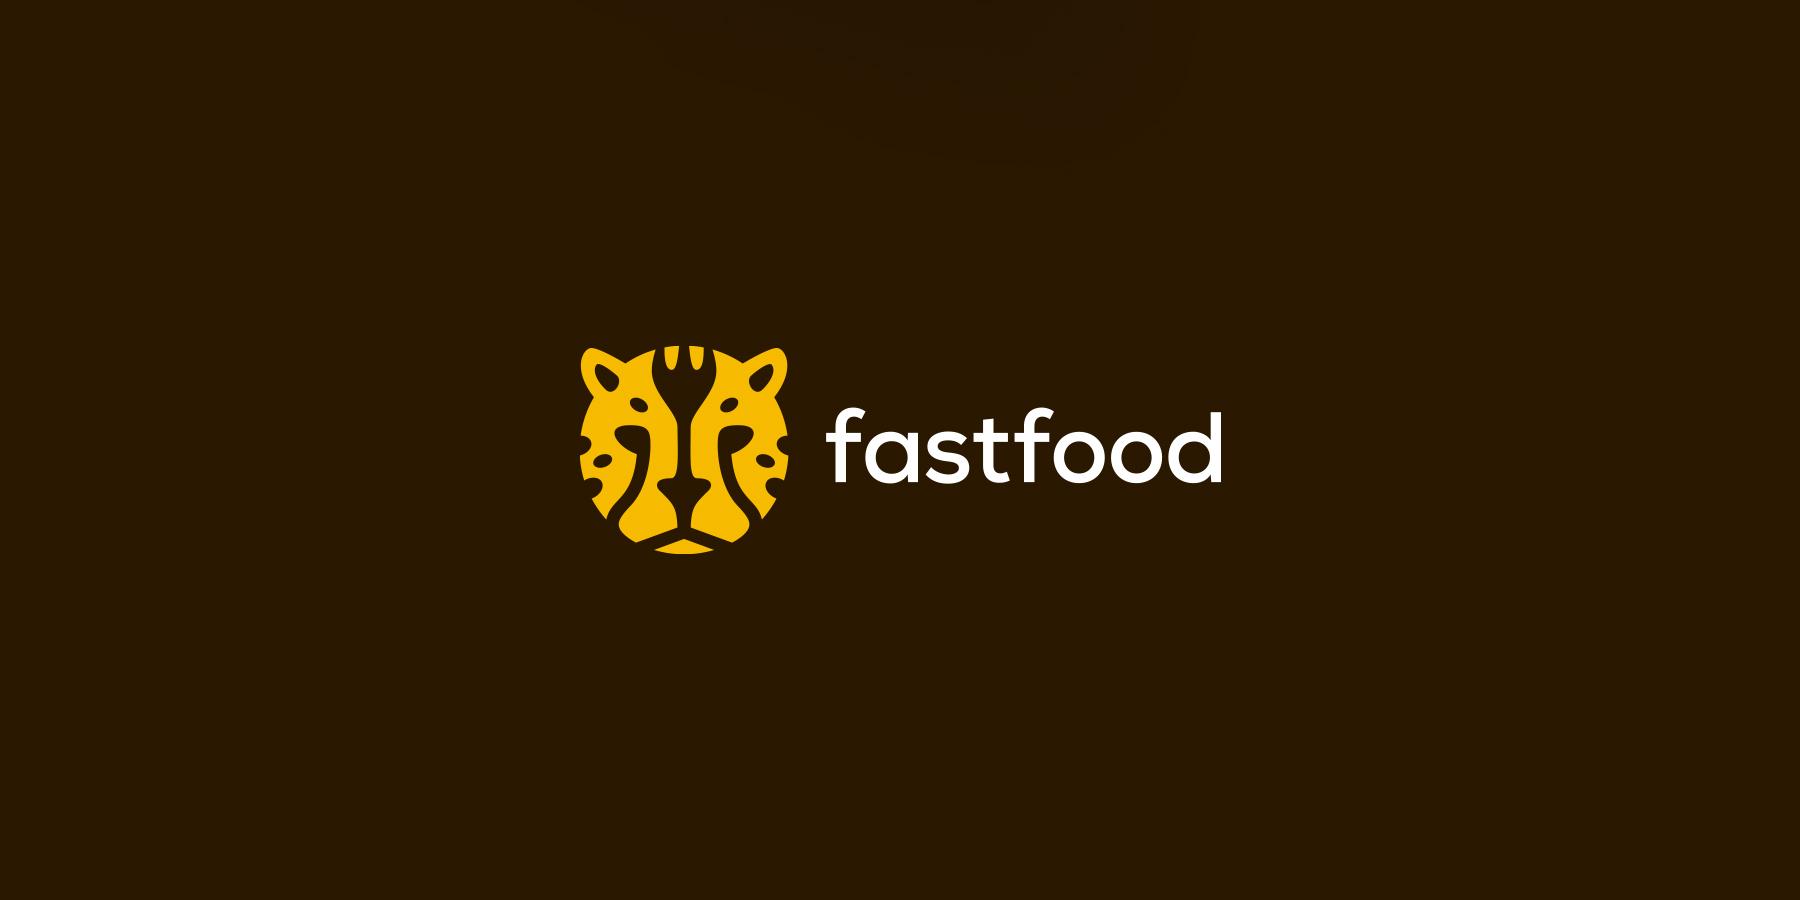 fastfood-logo-design-06